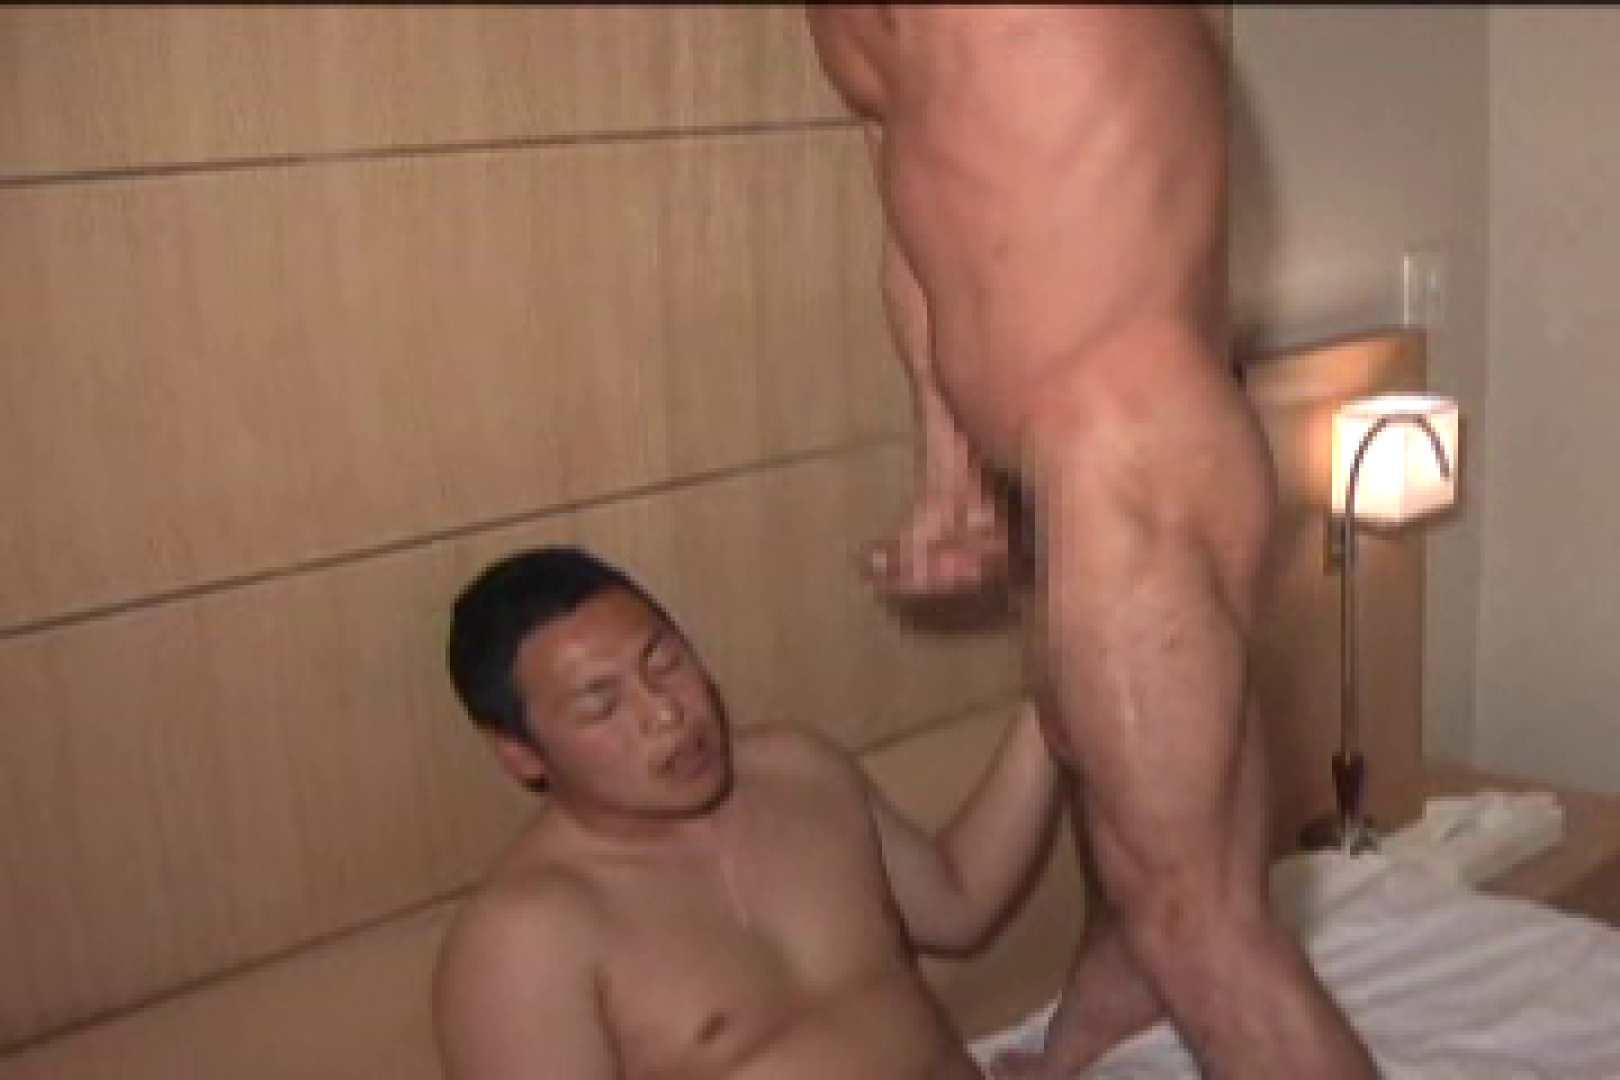 スポMENファック!!反り勃つ男根!!vol.6 ゲイの裸 ゲイエロ画像 98枚 12